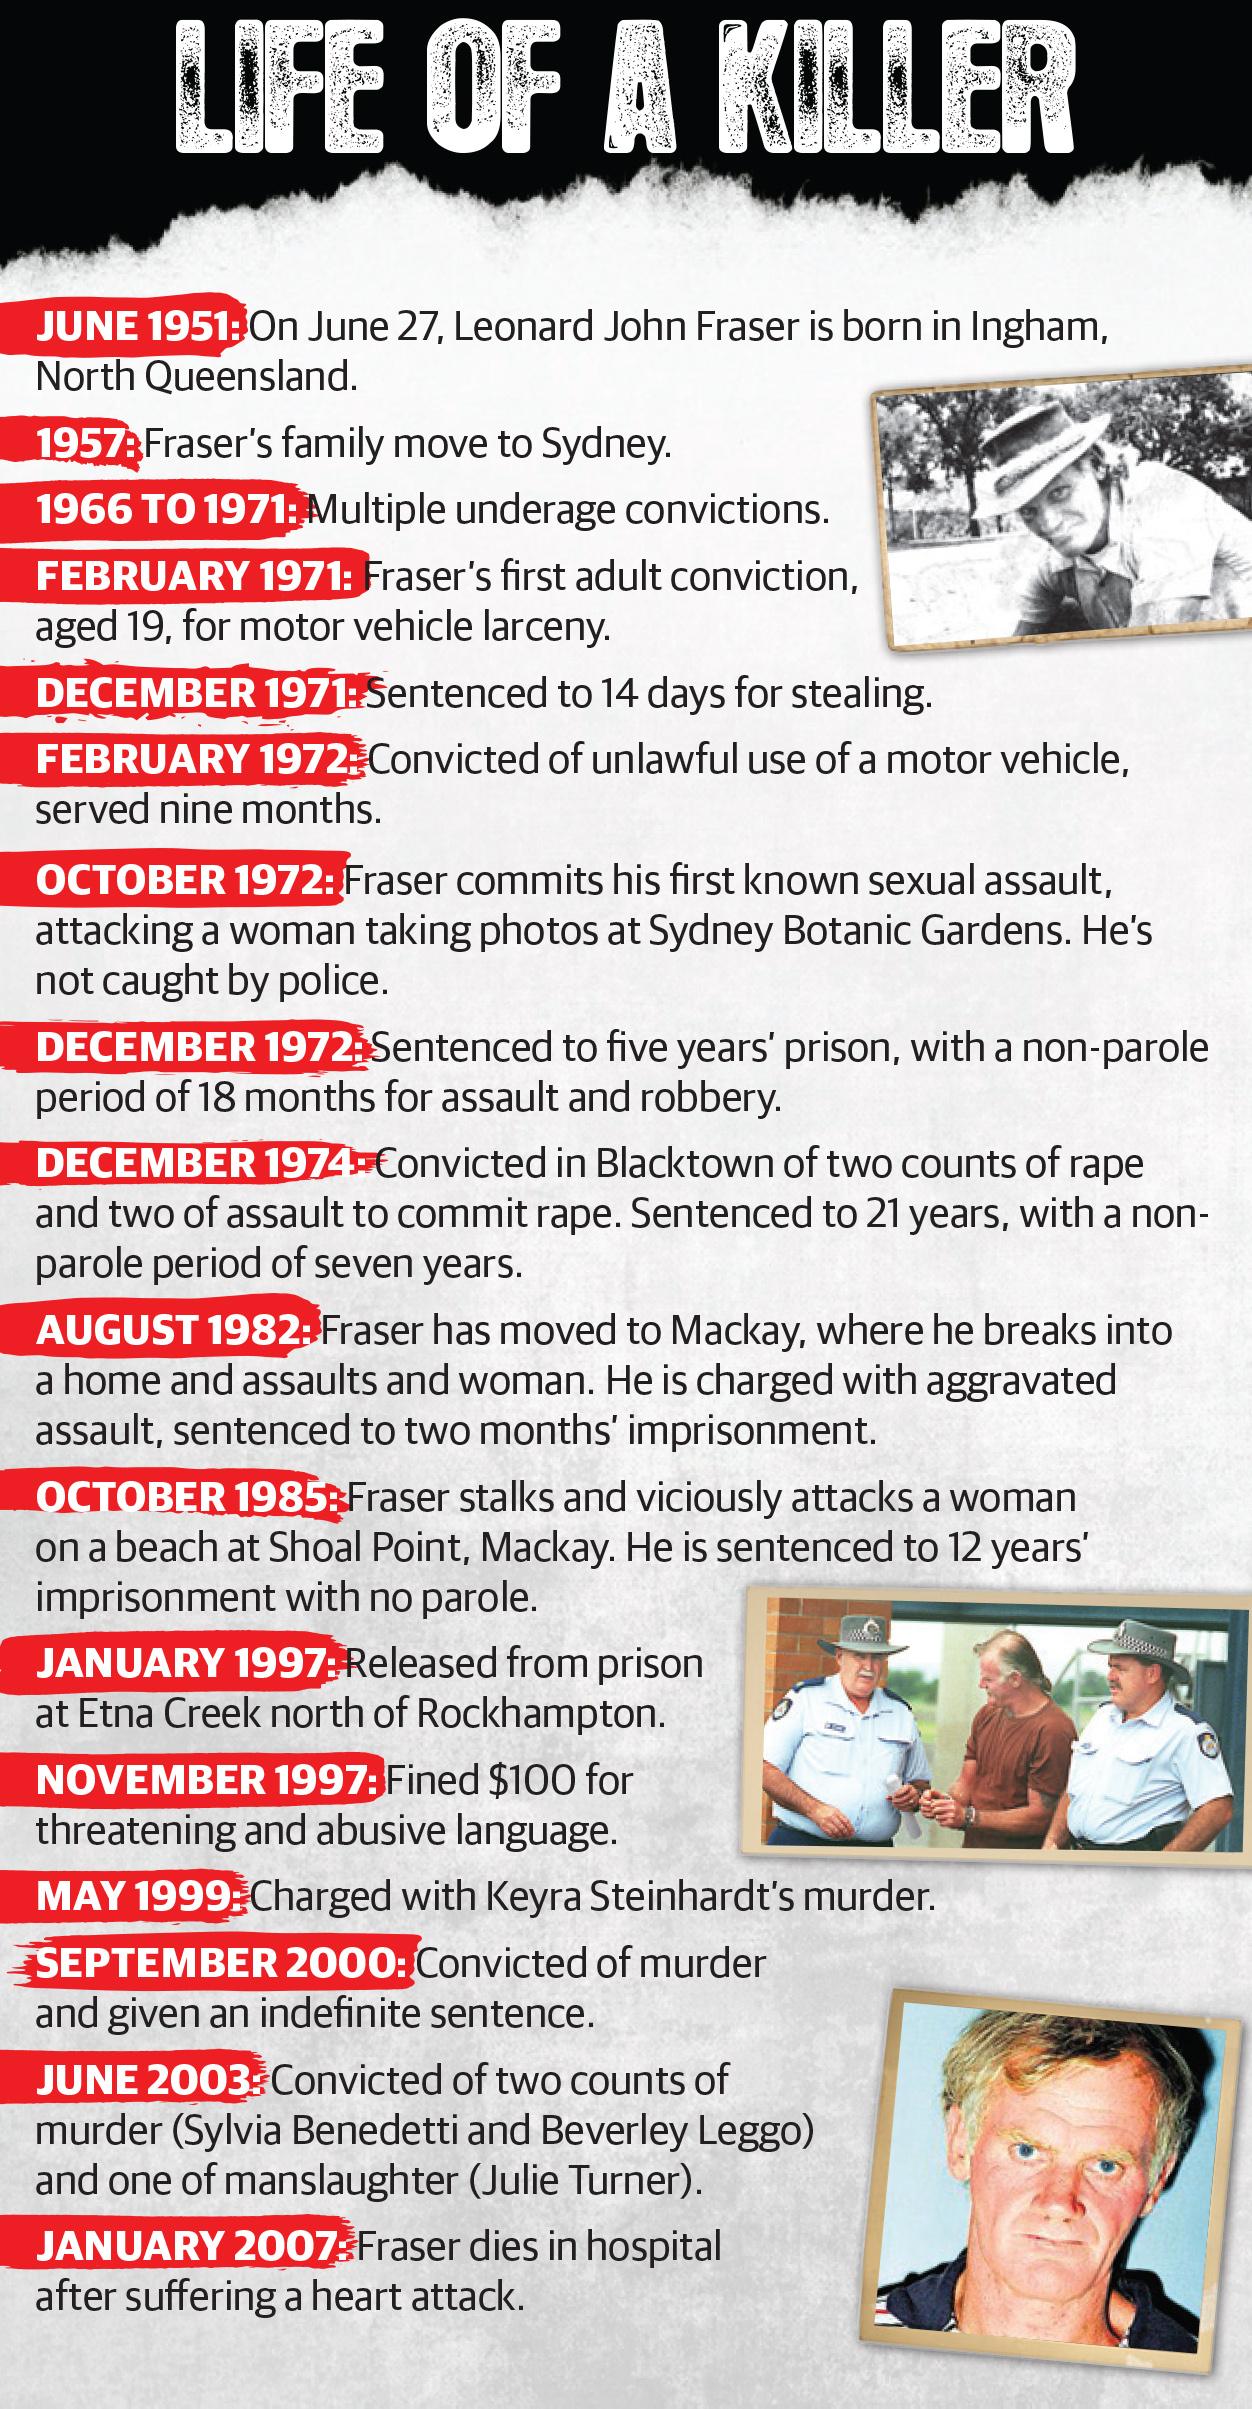 Leonard John Fraser's life of crime.